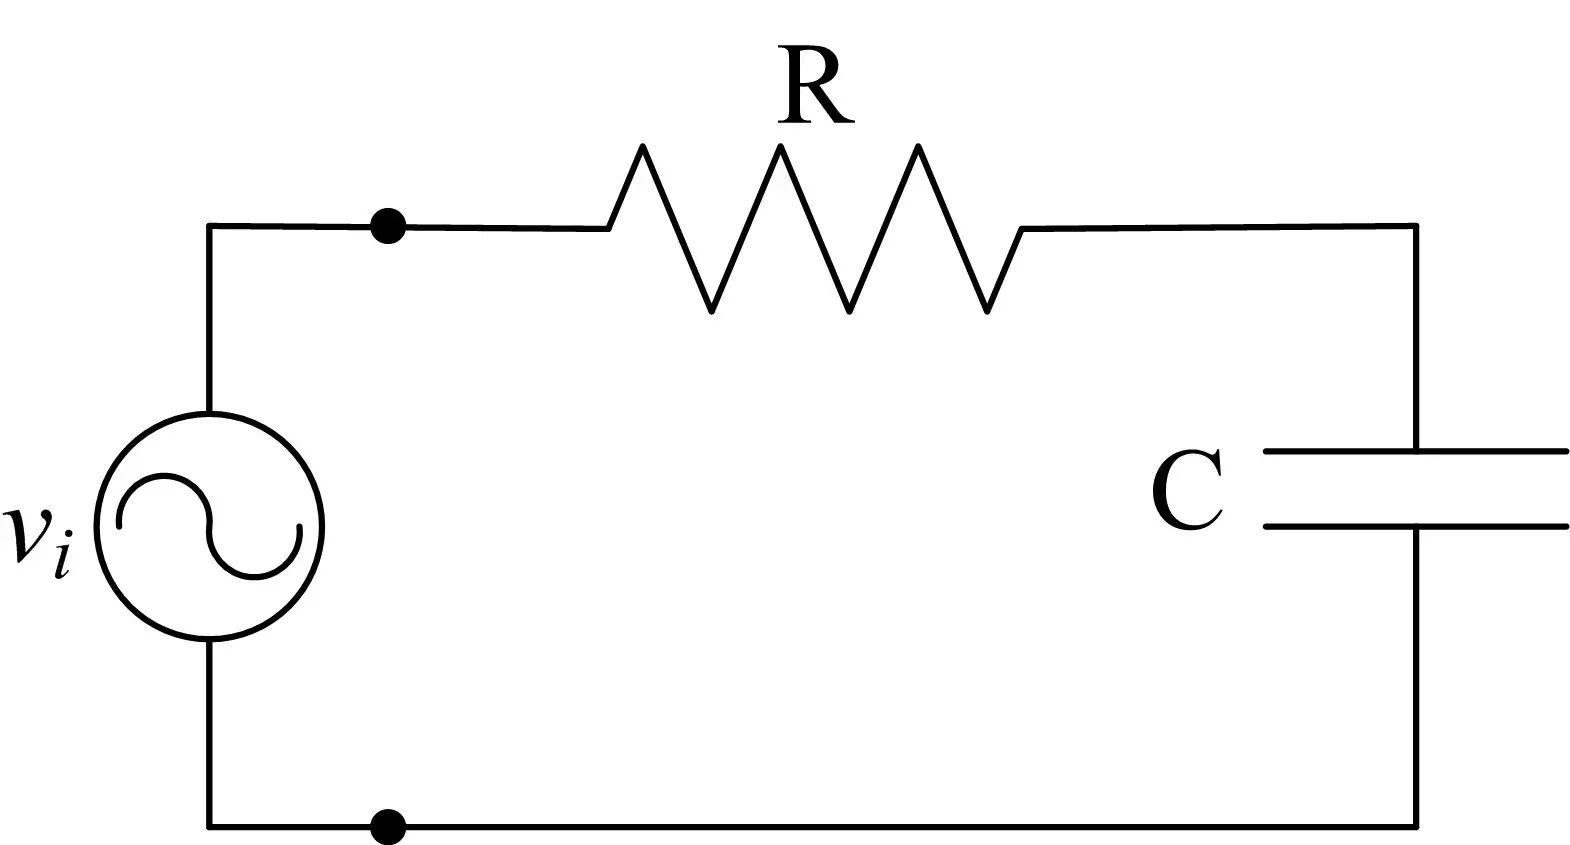 rl series ac circuit